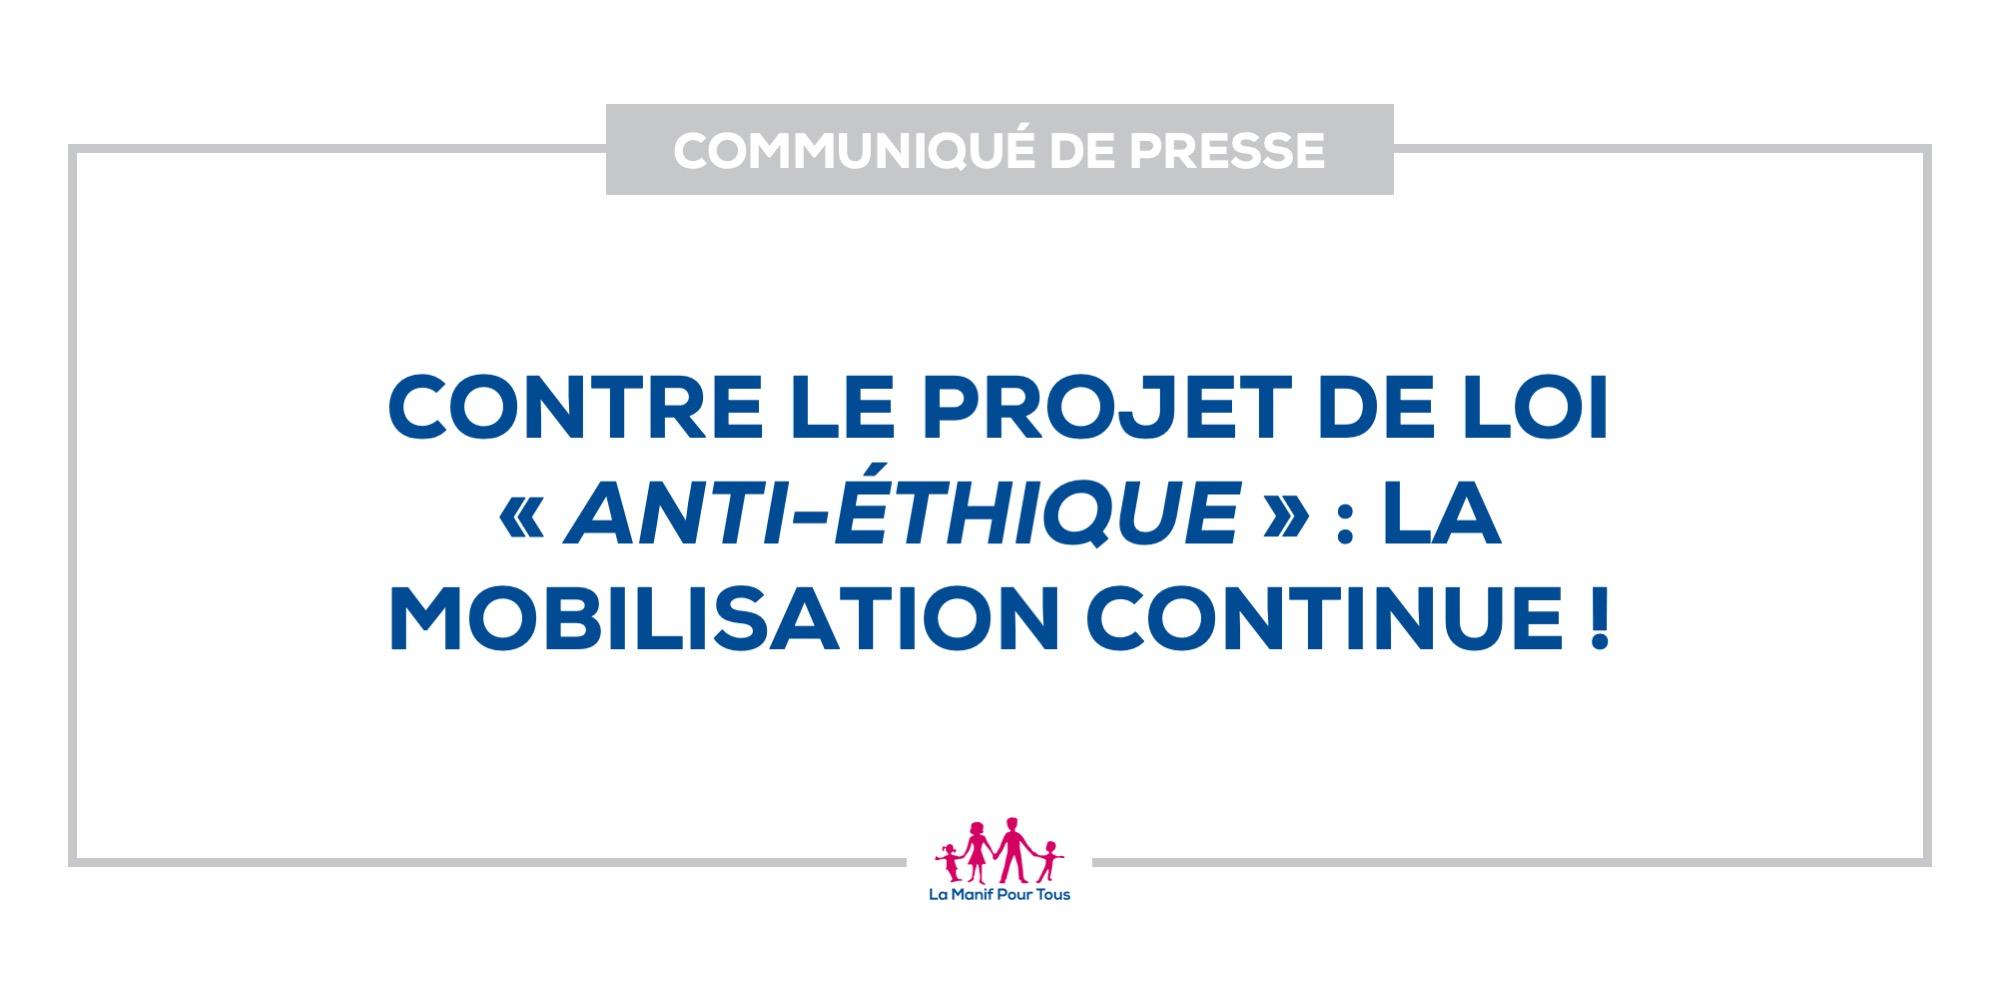 Image - Contre le projet de loi «anti-éthique»: la mobilisation continue!